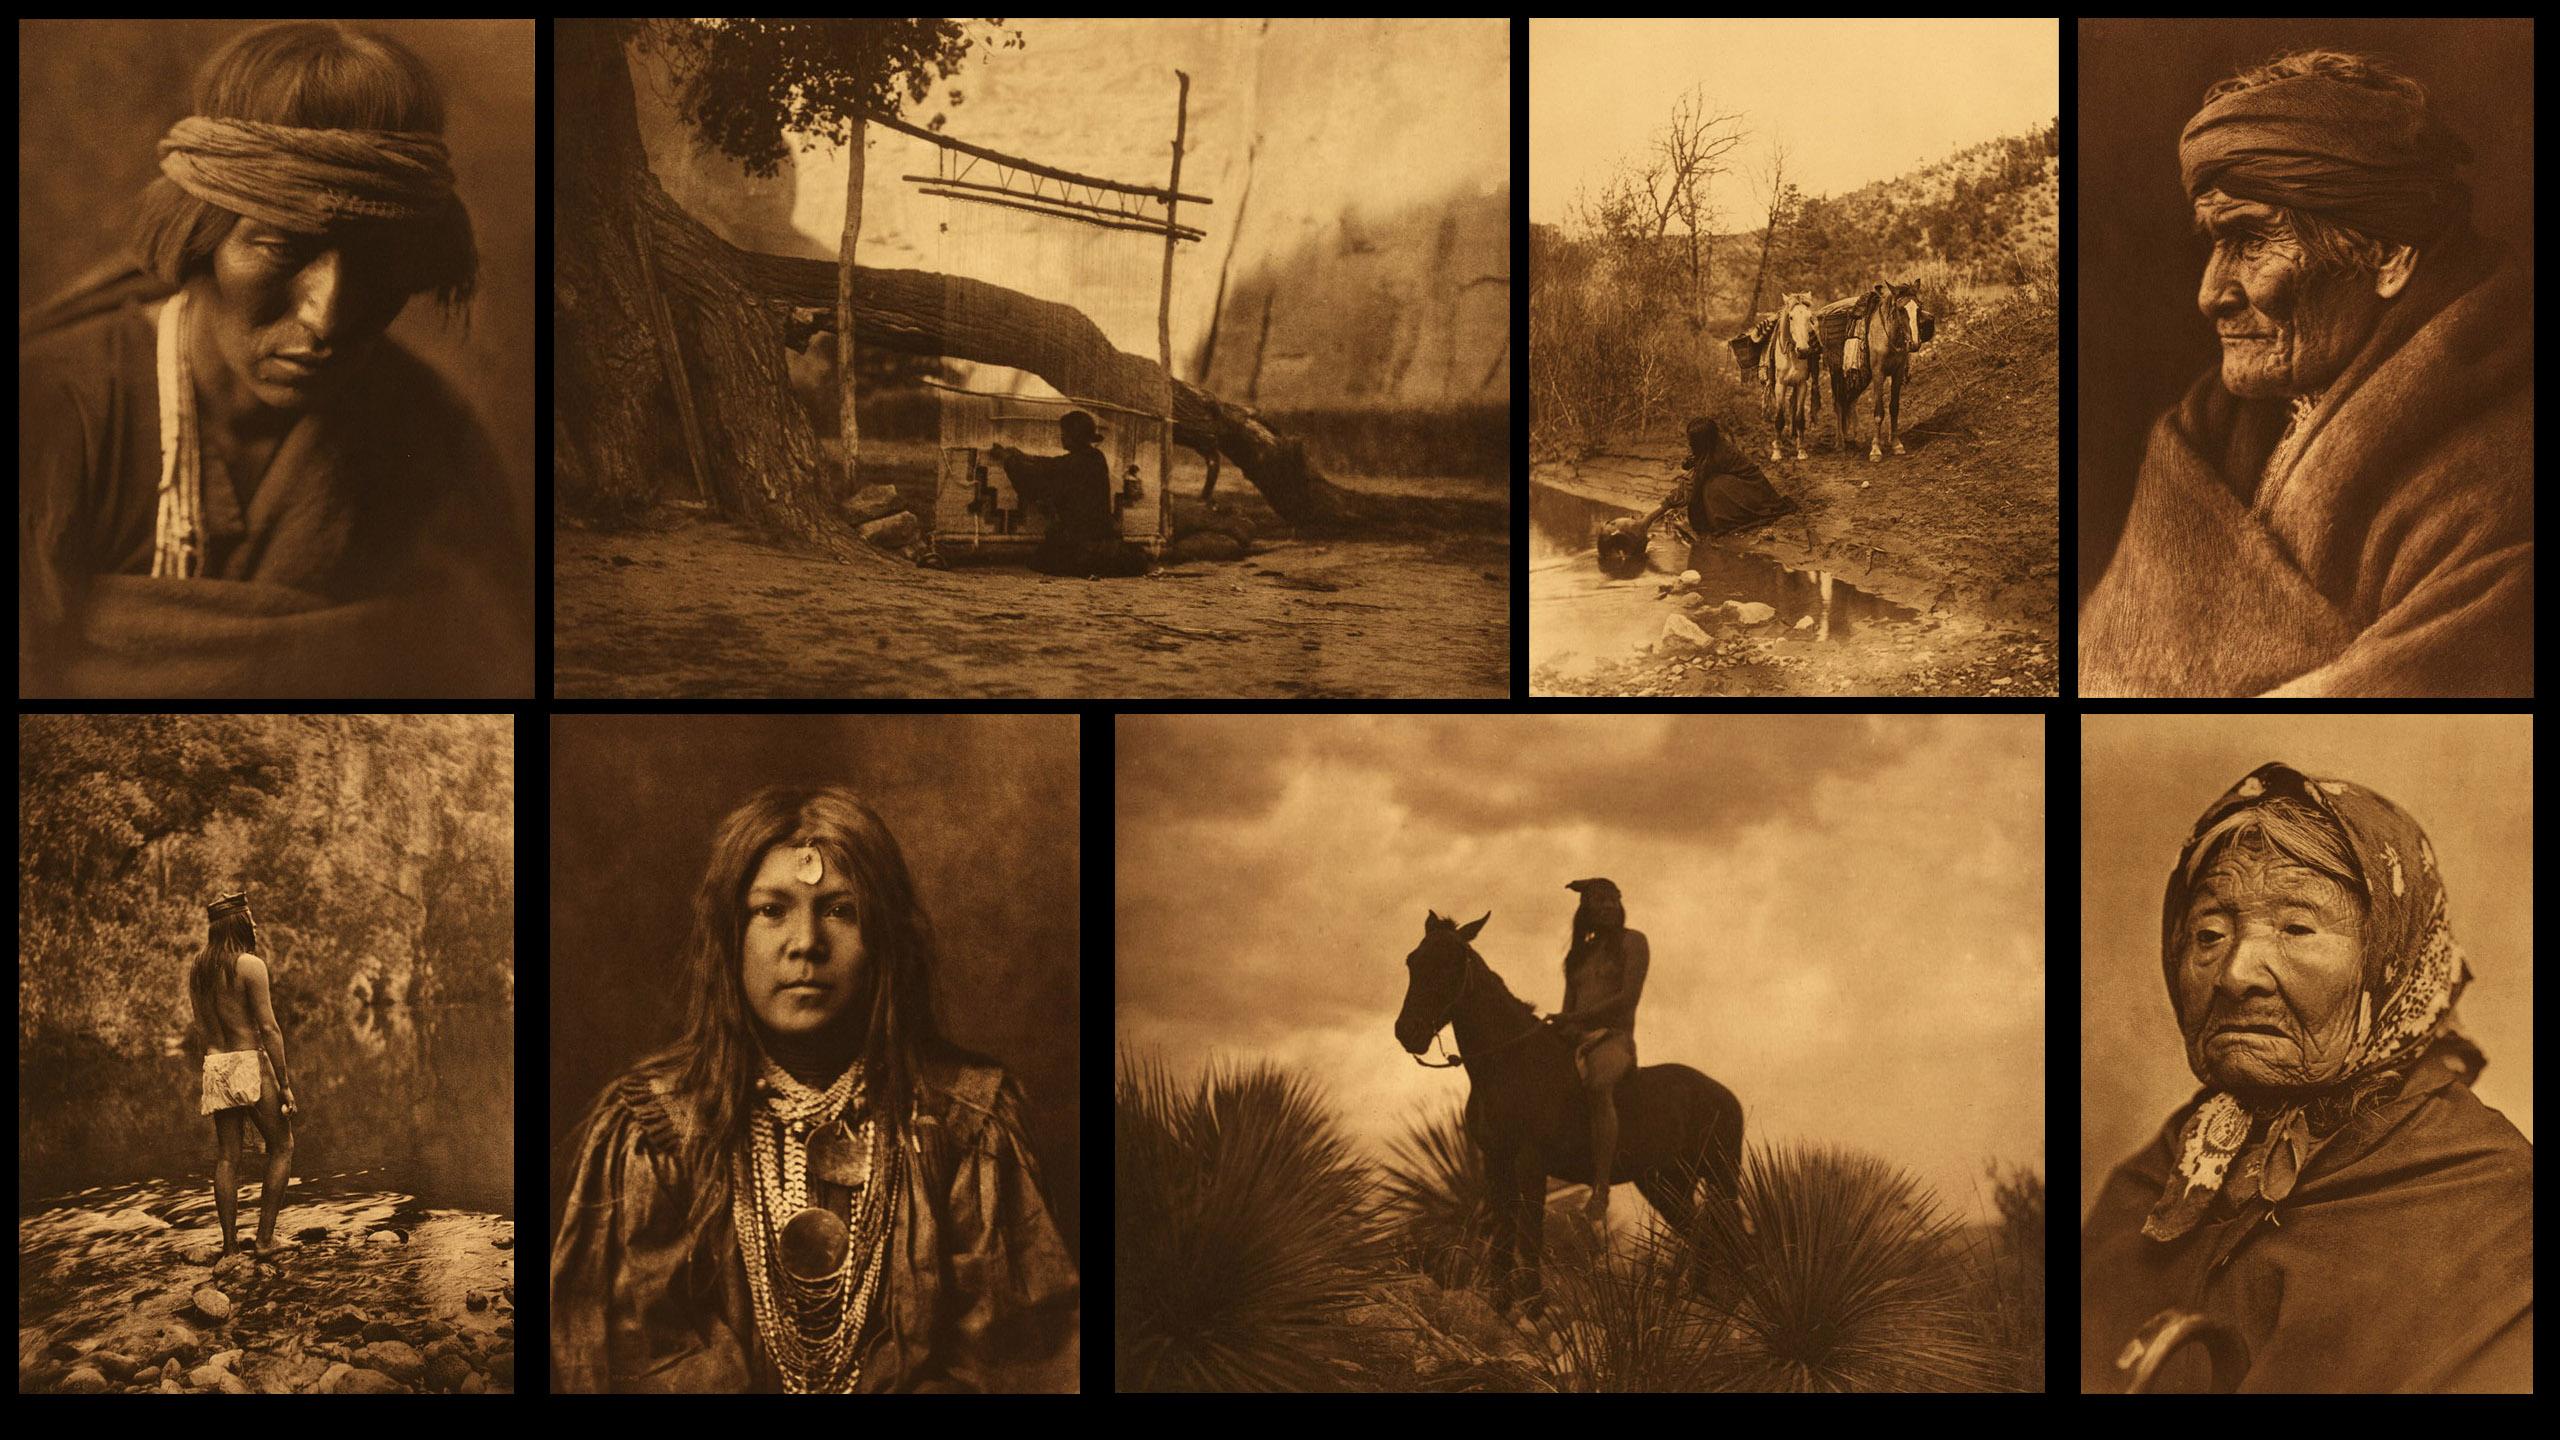 On Photography: Edward Sheriff Curtis, 1868-1952